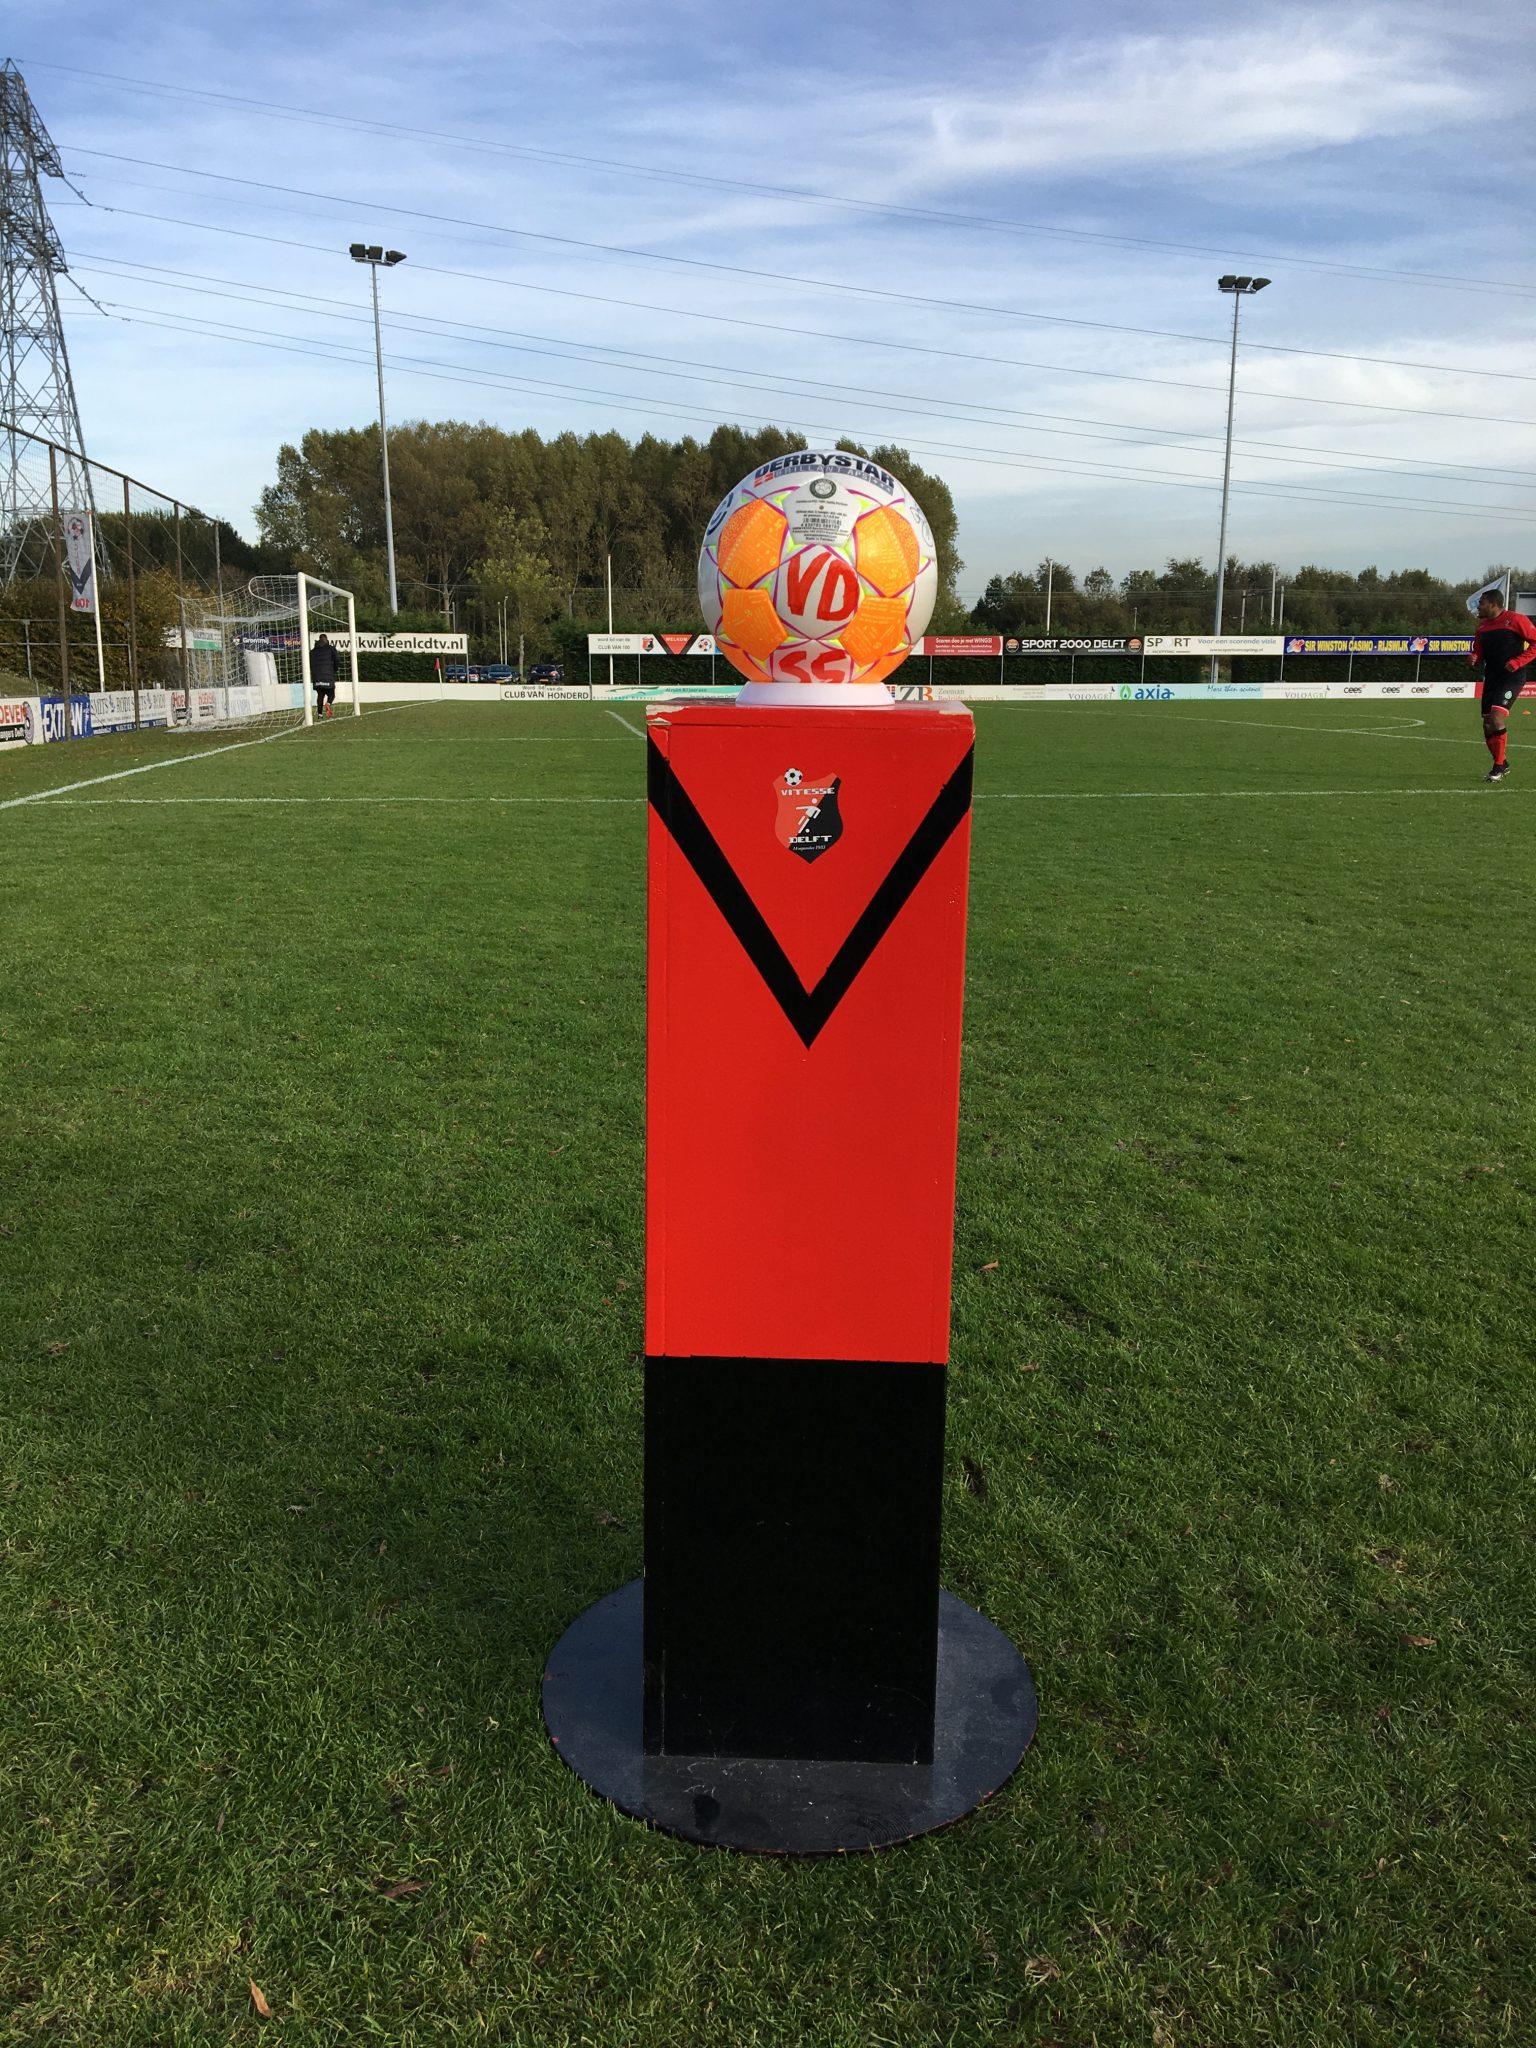 Ballenschenkers thuiswedstrijden 2021-2022 c.s.Vitesse Delft